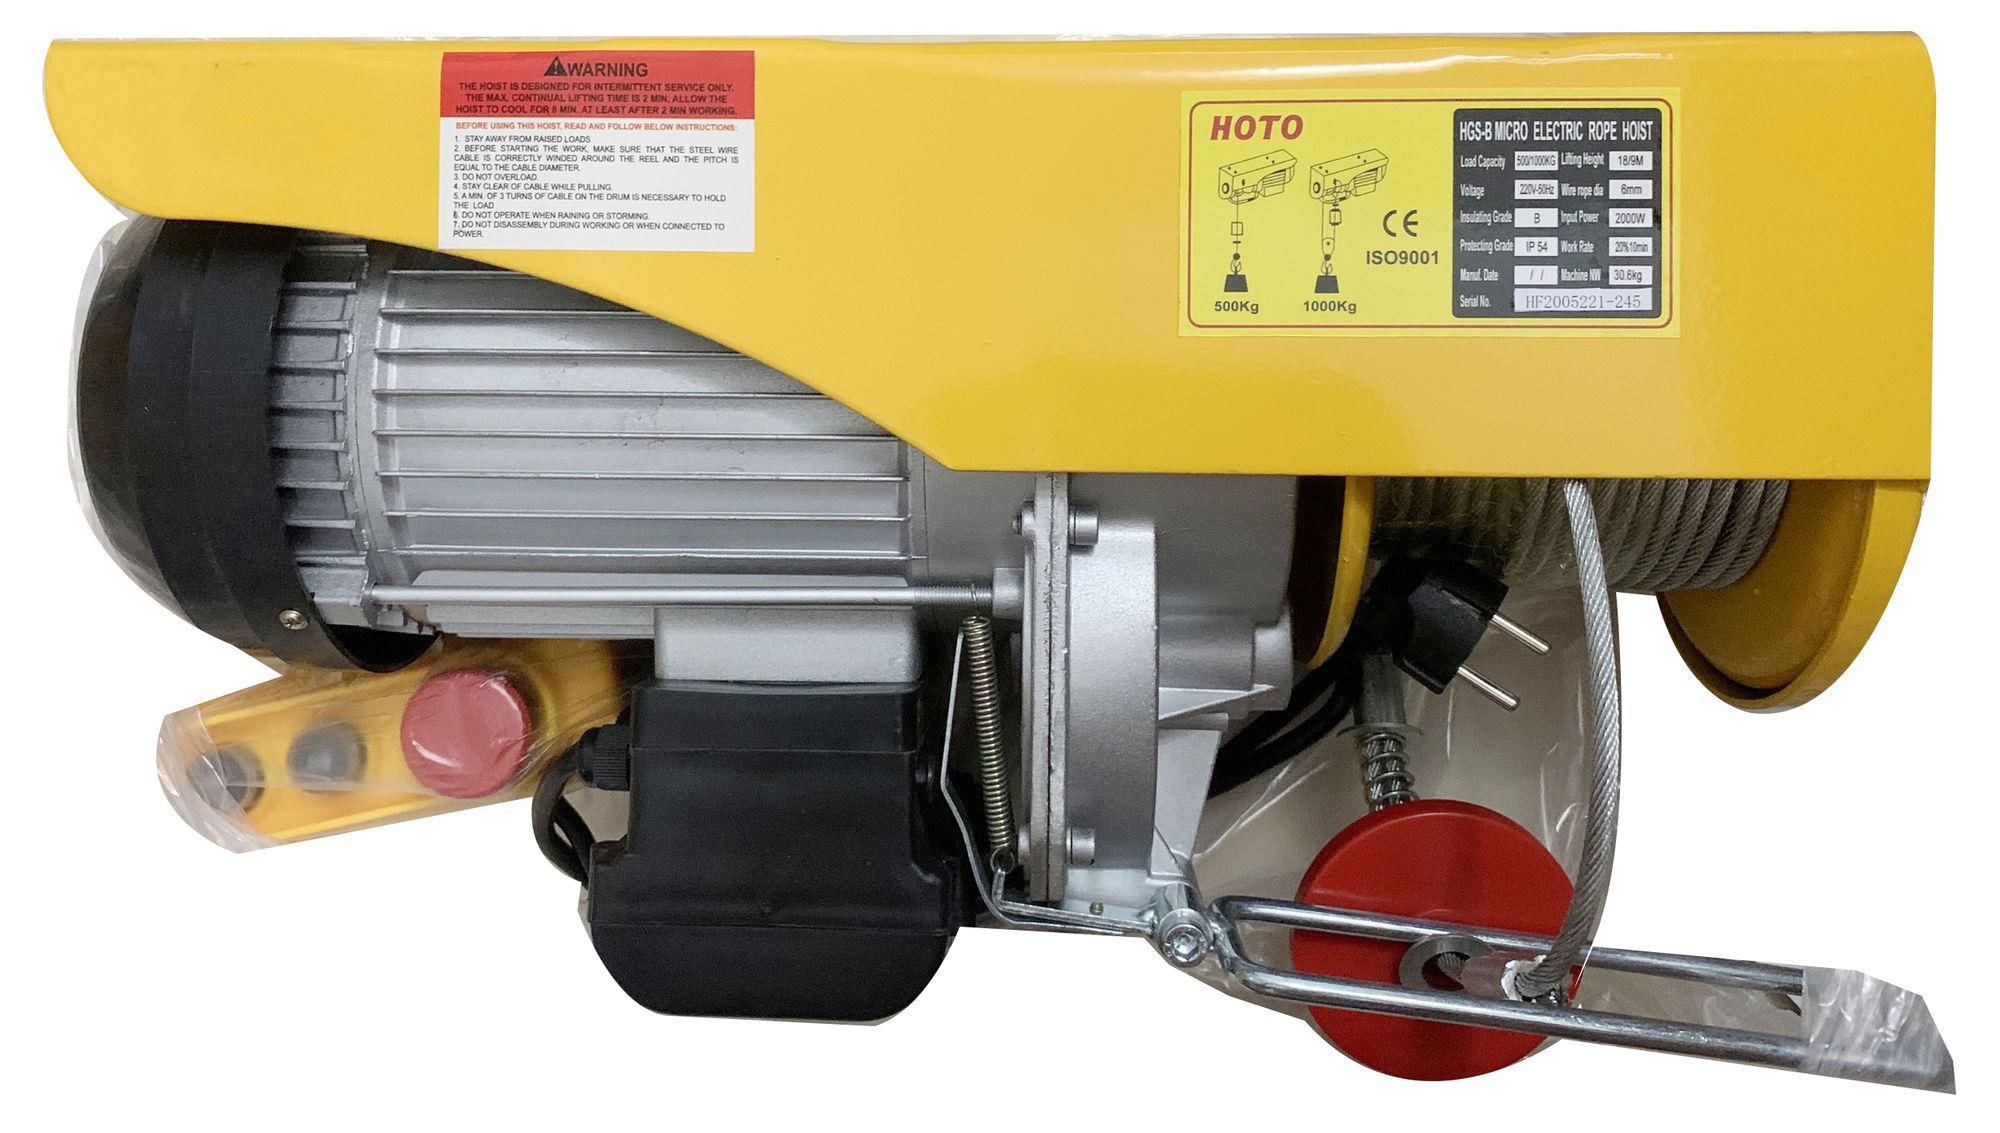 Tời điện Hoto PA 1000 (1.000kg)